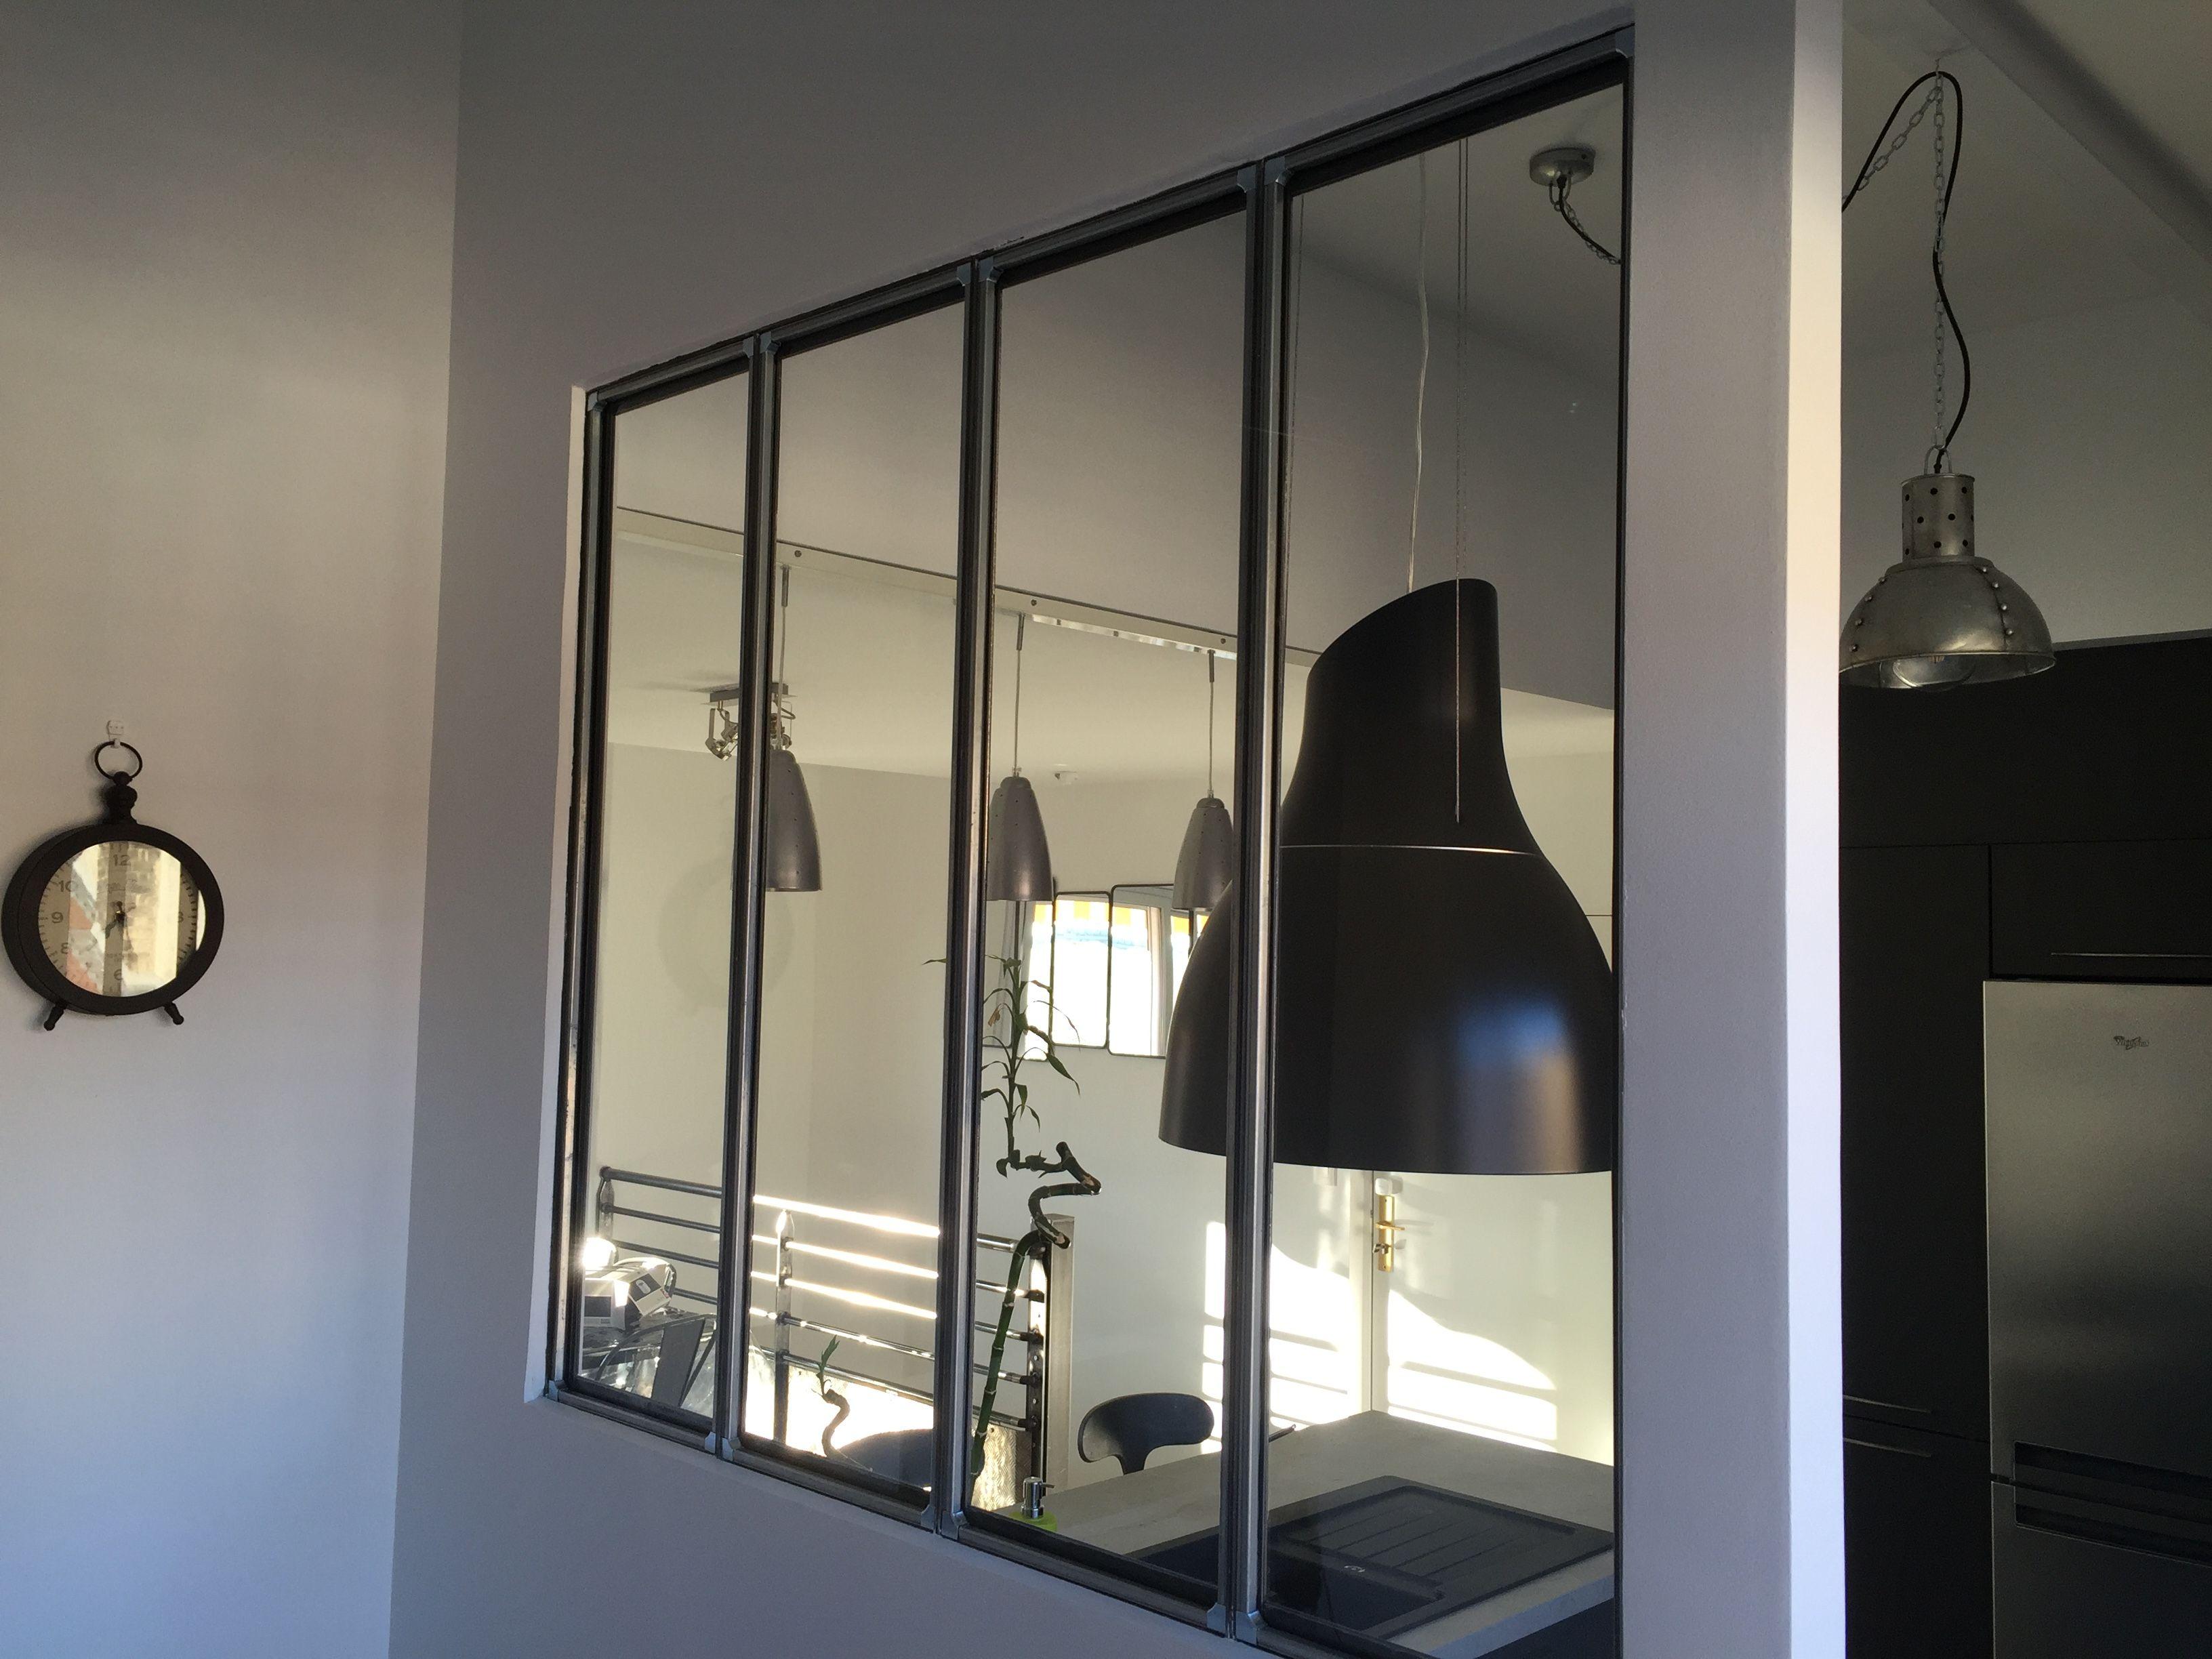 pingl par creametal sur creasystem pinterest verriere interieur et verrieres interieure. Black Bedroom Furniture Sets. Home Design Ideas